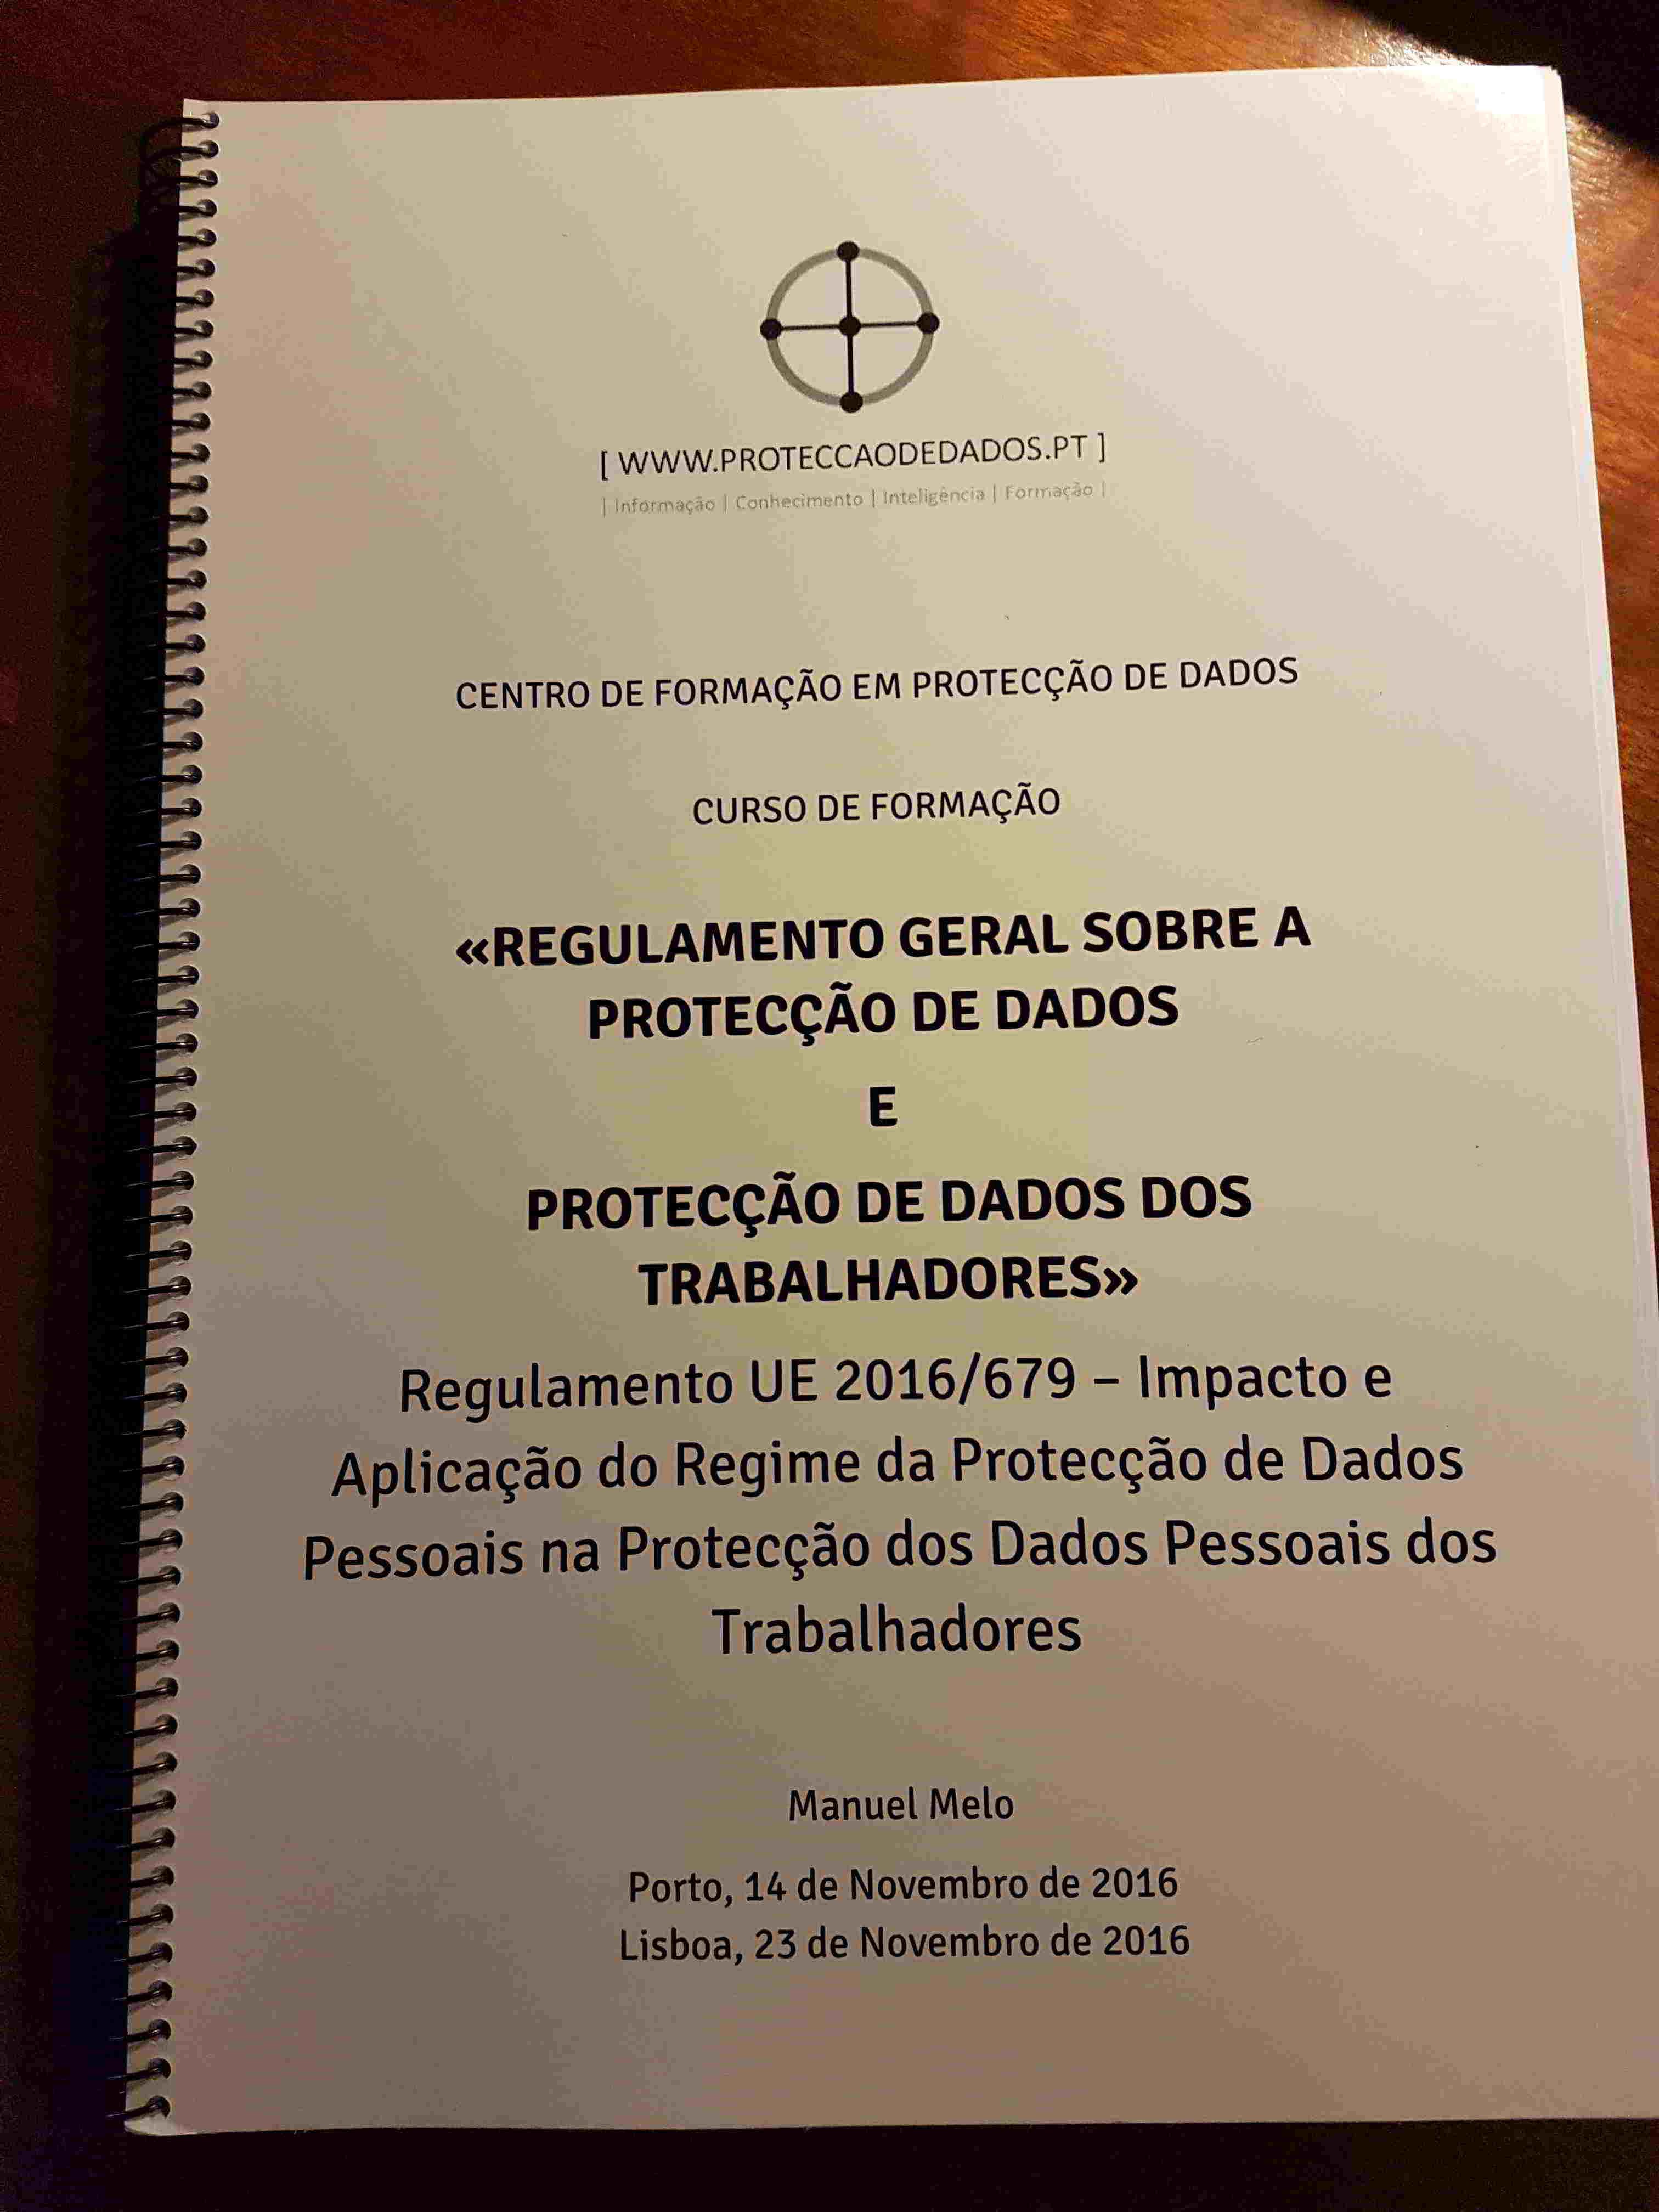 Manual do Curso – «Regulamento Geral sobre a Protecção de Dados em Contexto Laboral»